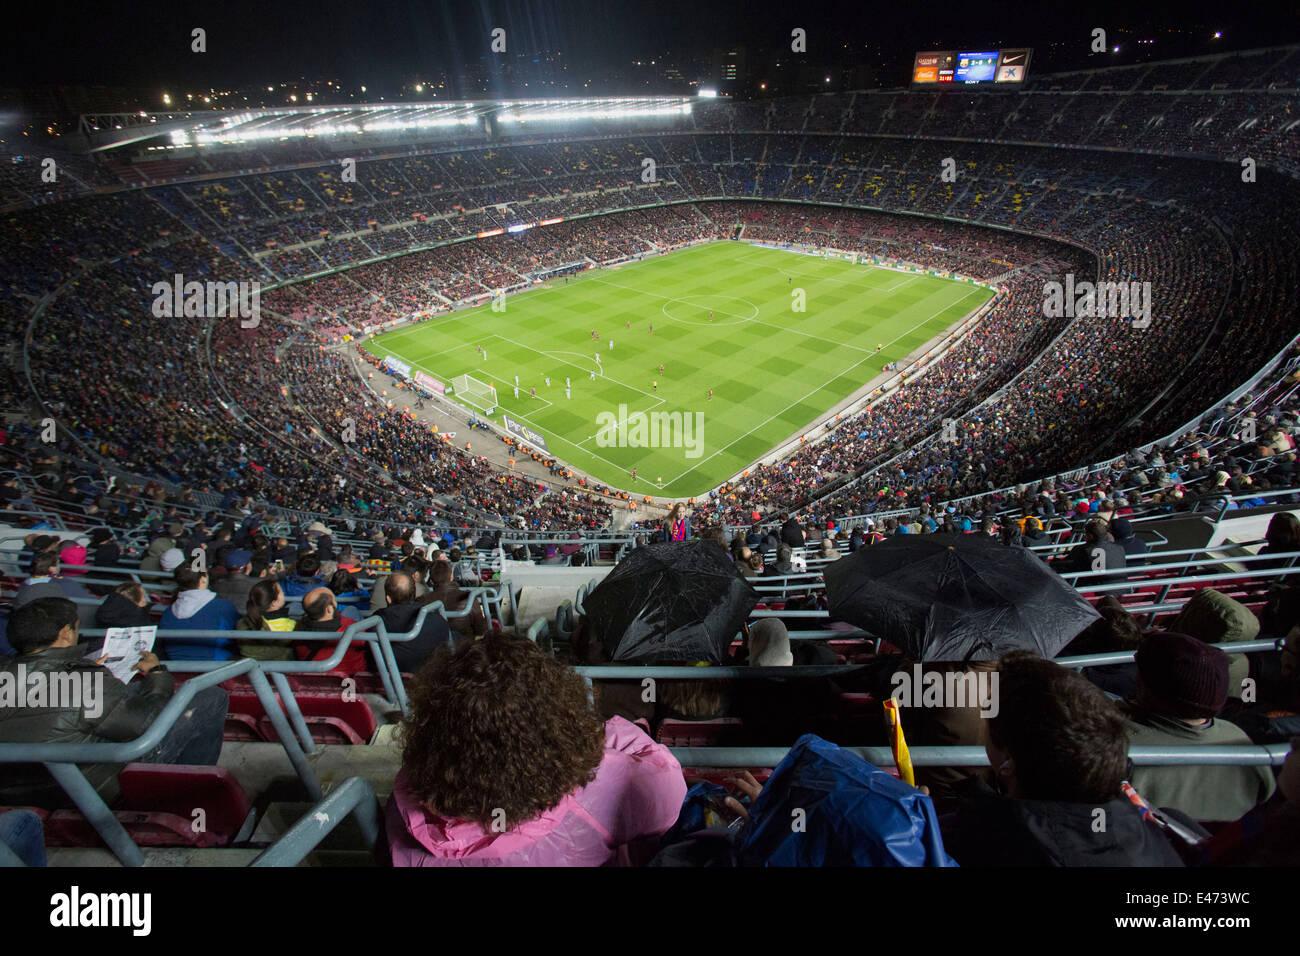 Barcelona soccer team stadium, Nou Camp in Barcelona, Spain - Stock Image